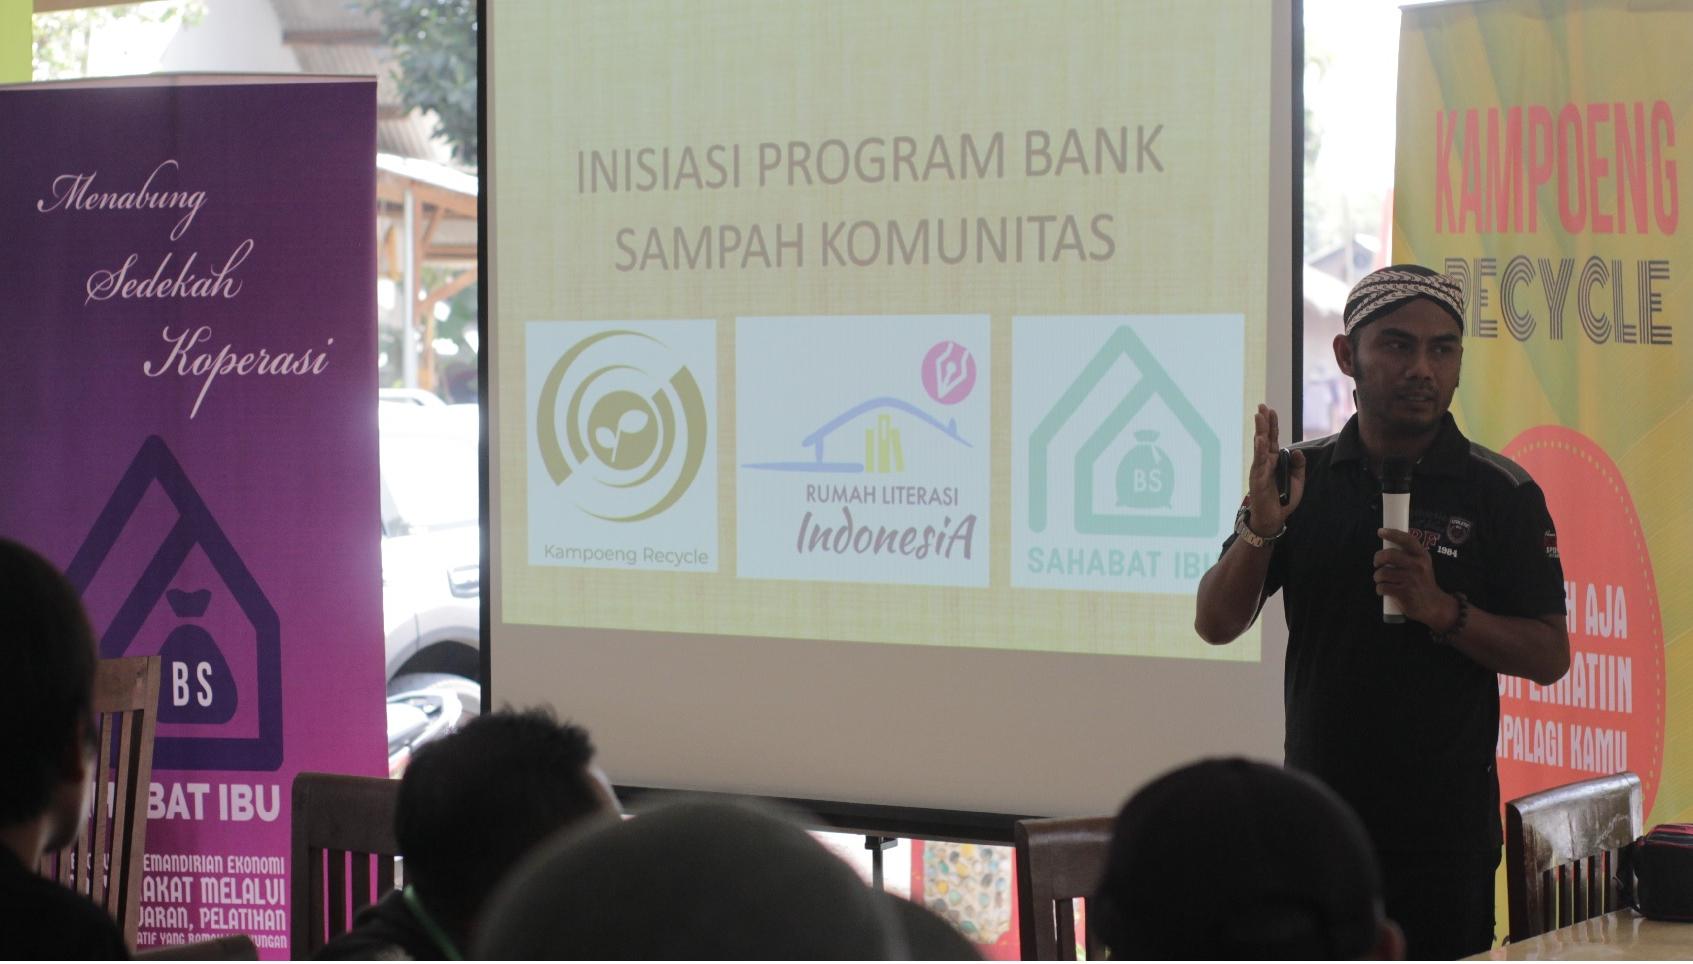 10 Desa Di Jawa Timur Gagas Bank Sampah Terintegrasi Ala Kampoeng Recycle